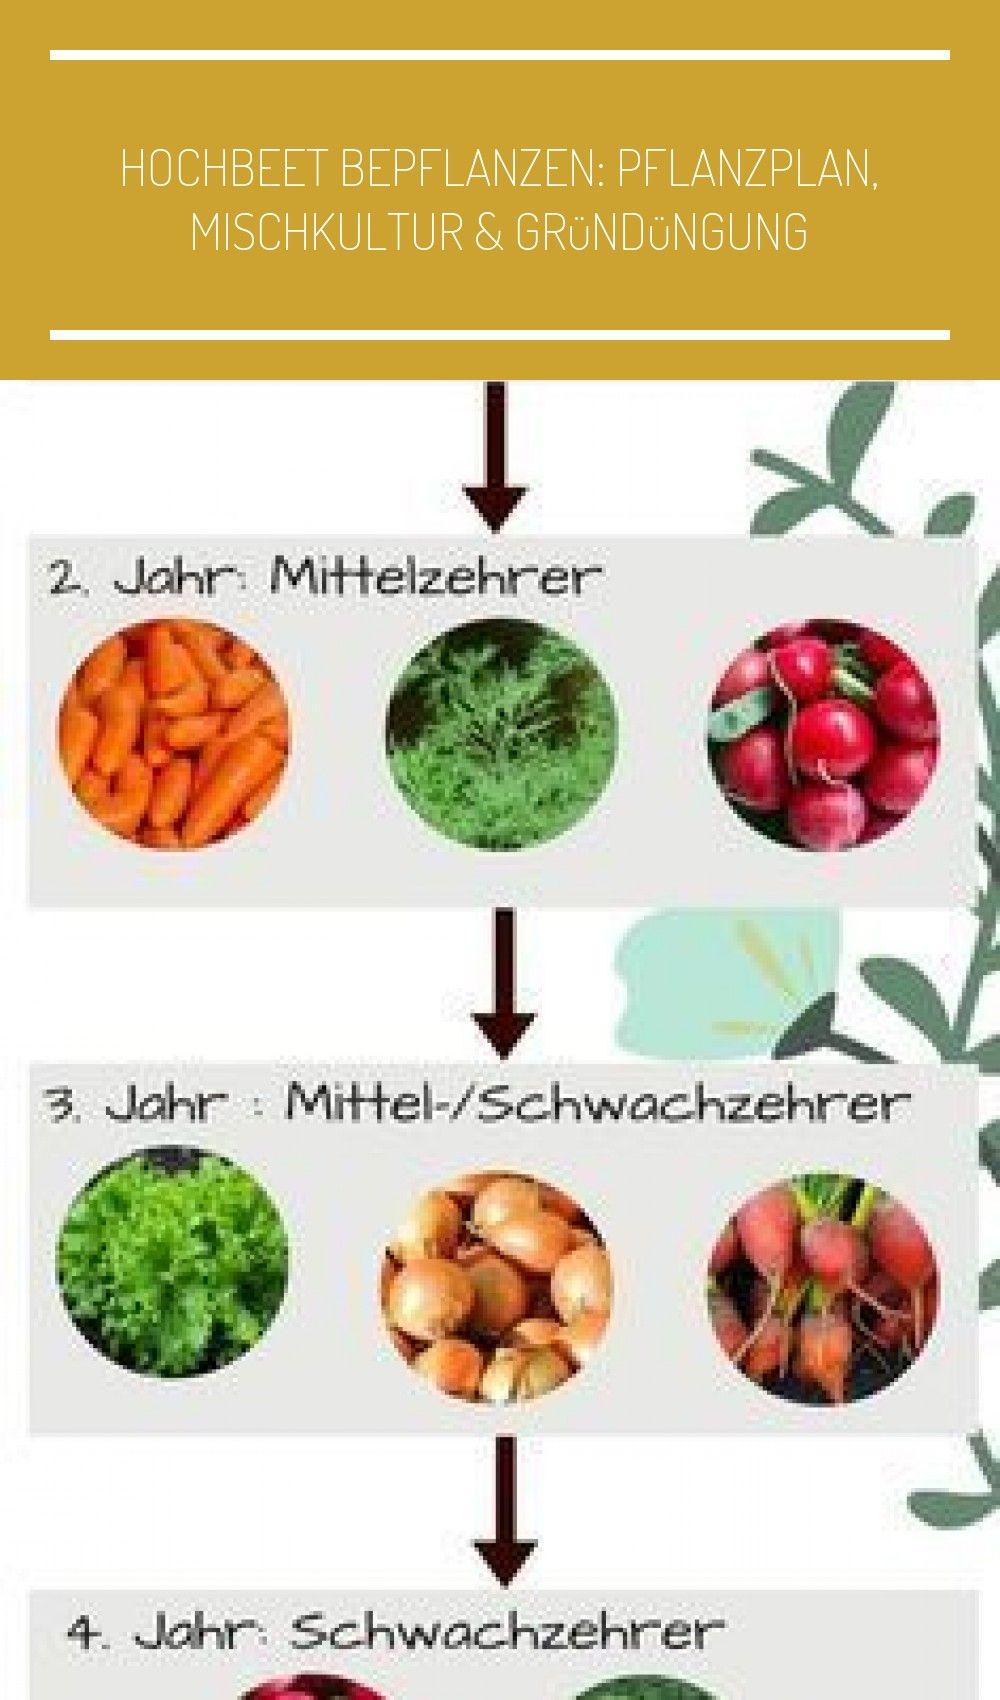 Pflanzplan Hochbeet Was Ihr Beim Anpflanzen Von Pflanzen Im Hochbeet Beachten Solltet Pflanzplan Giardino In 2020 Outdoor Gardens Treble Crochet Stitch Vegetables